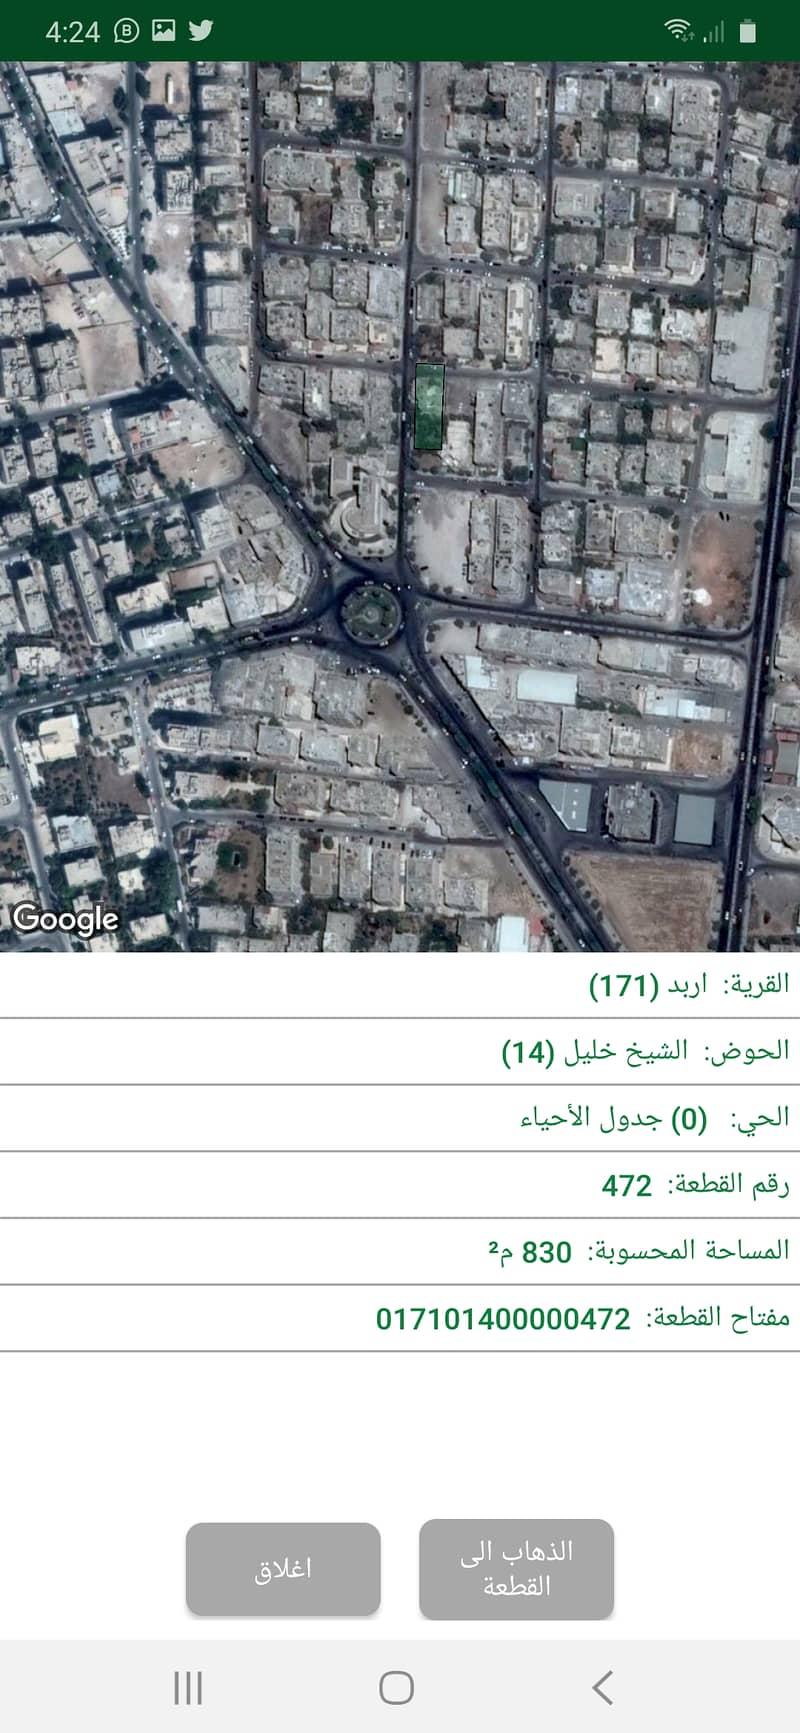 قطعة أرض للبيع بوسط مدينة أربد بمساحه 823 متر مربع